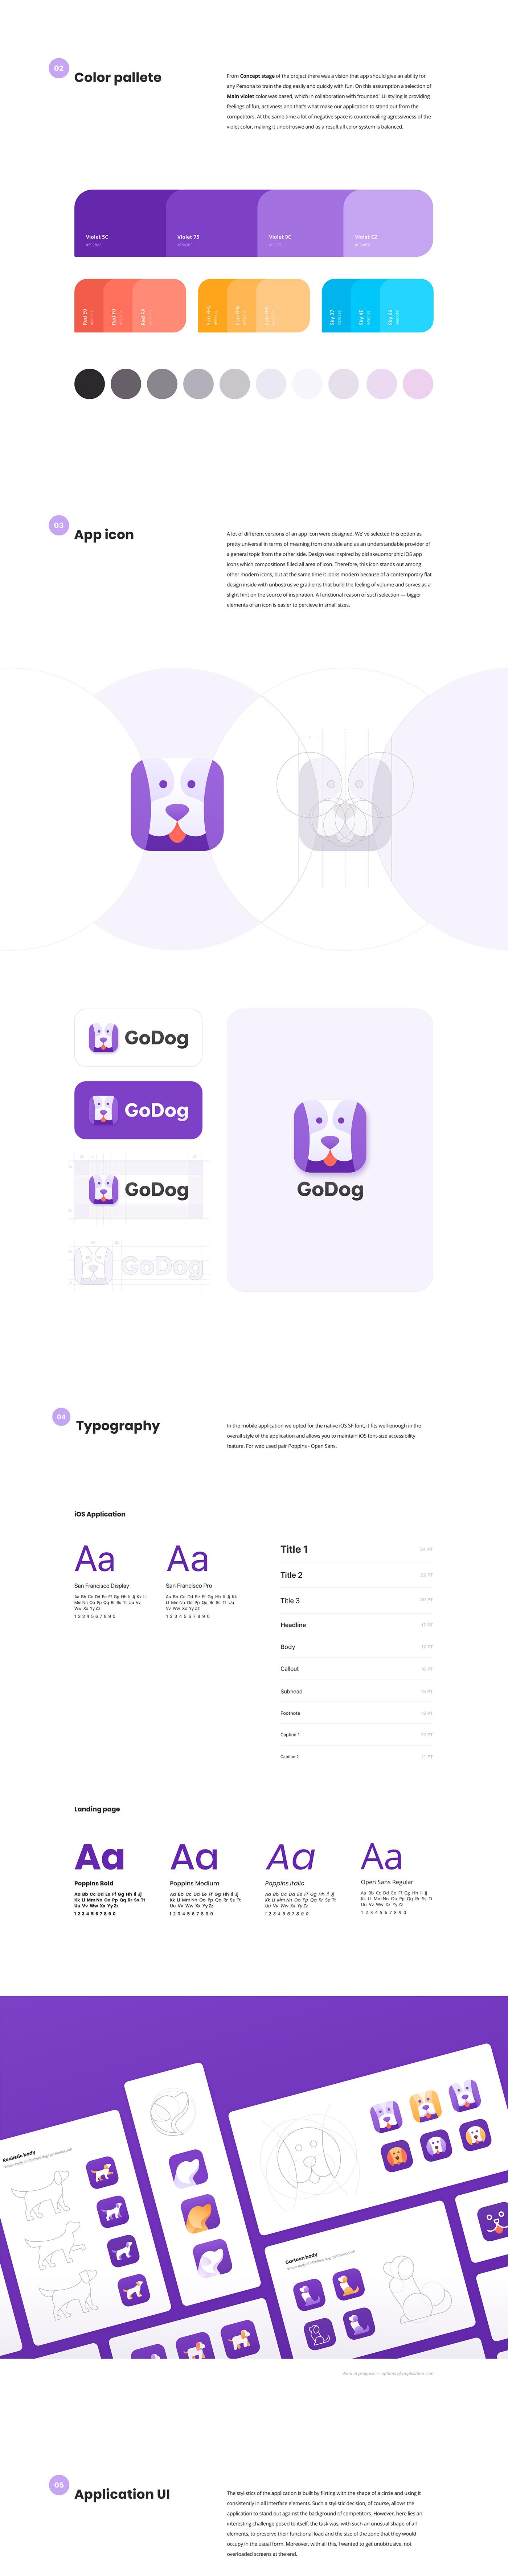 animation  app application dog dog training GODOG iOS App product design  UI UI/UX